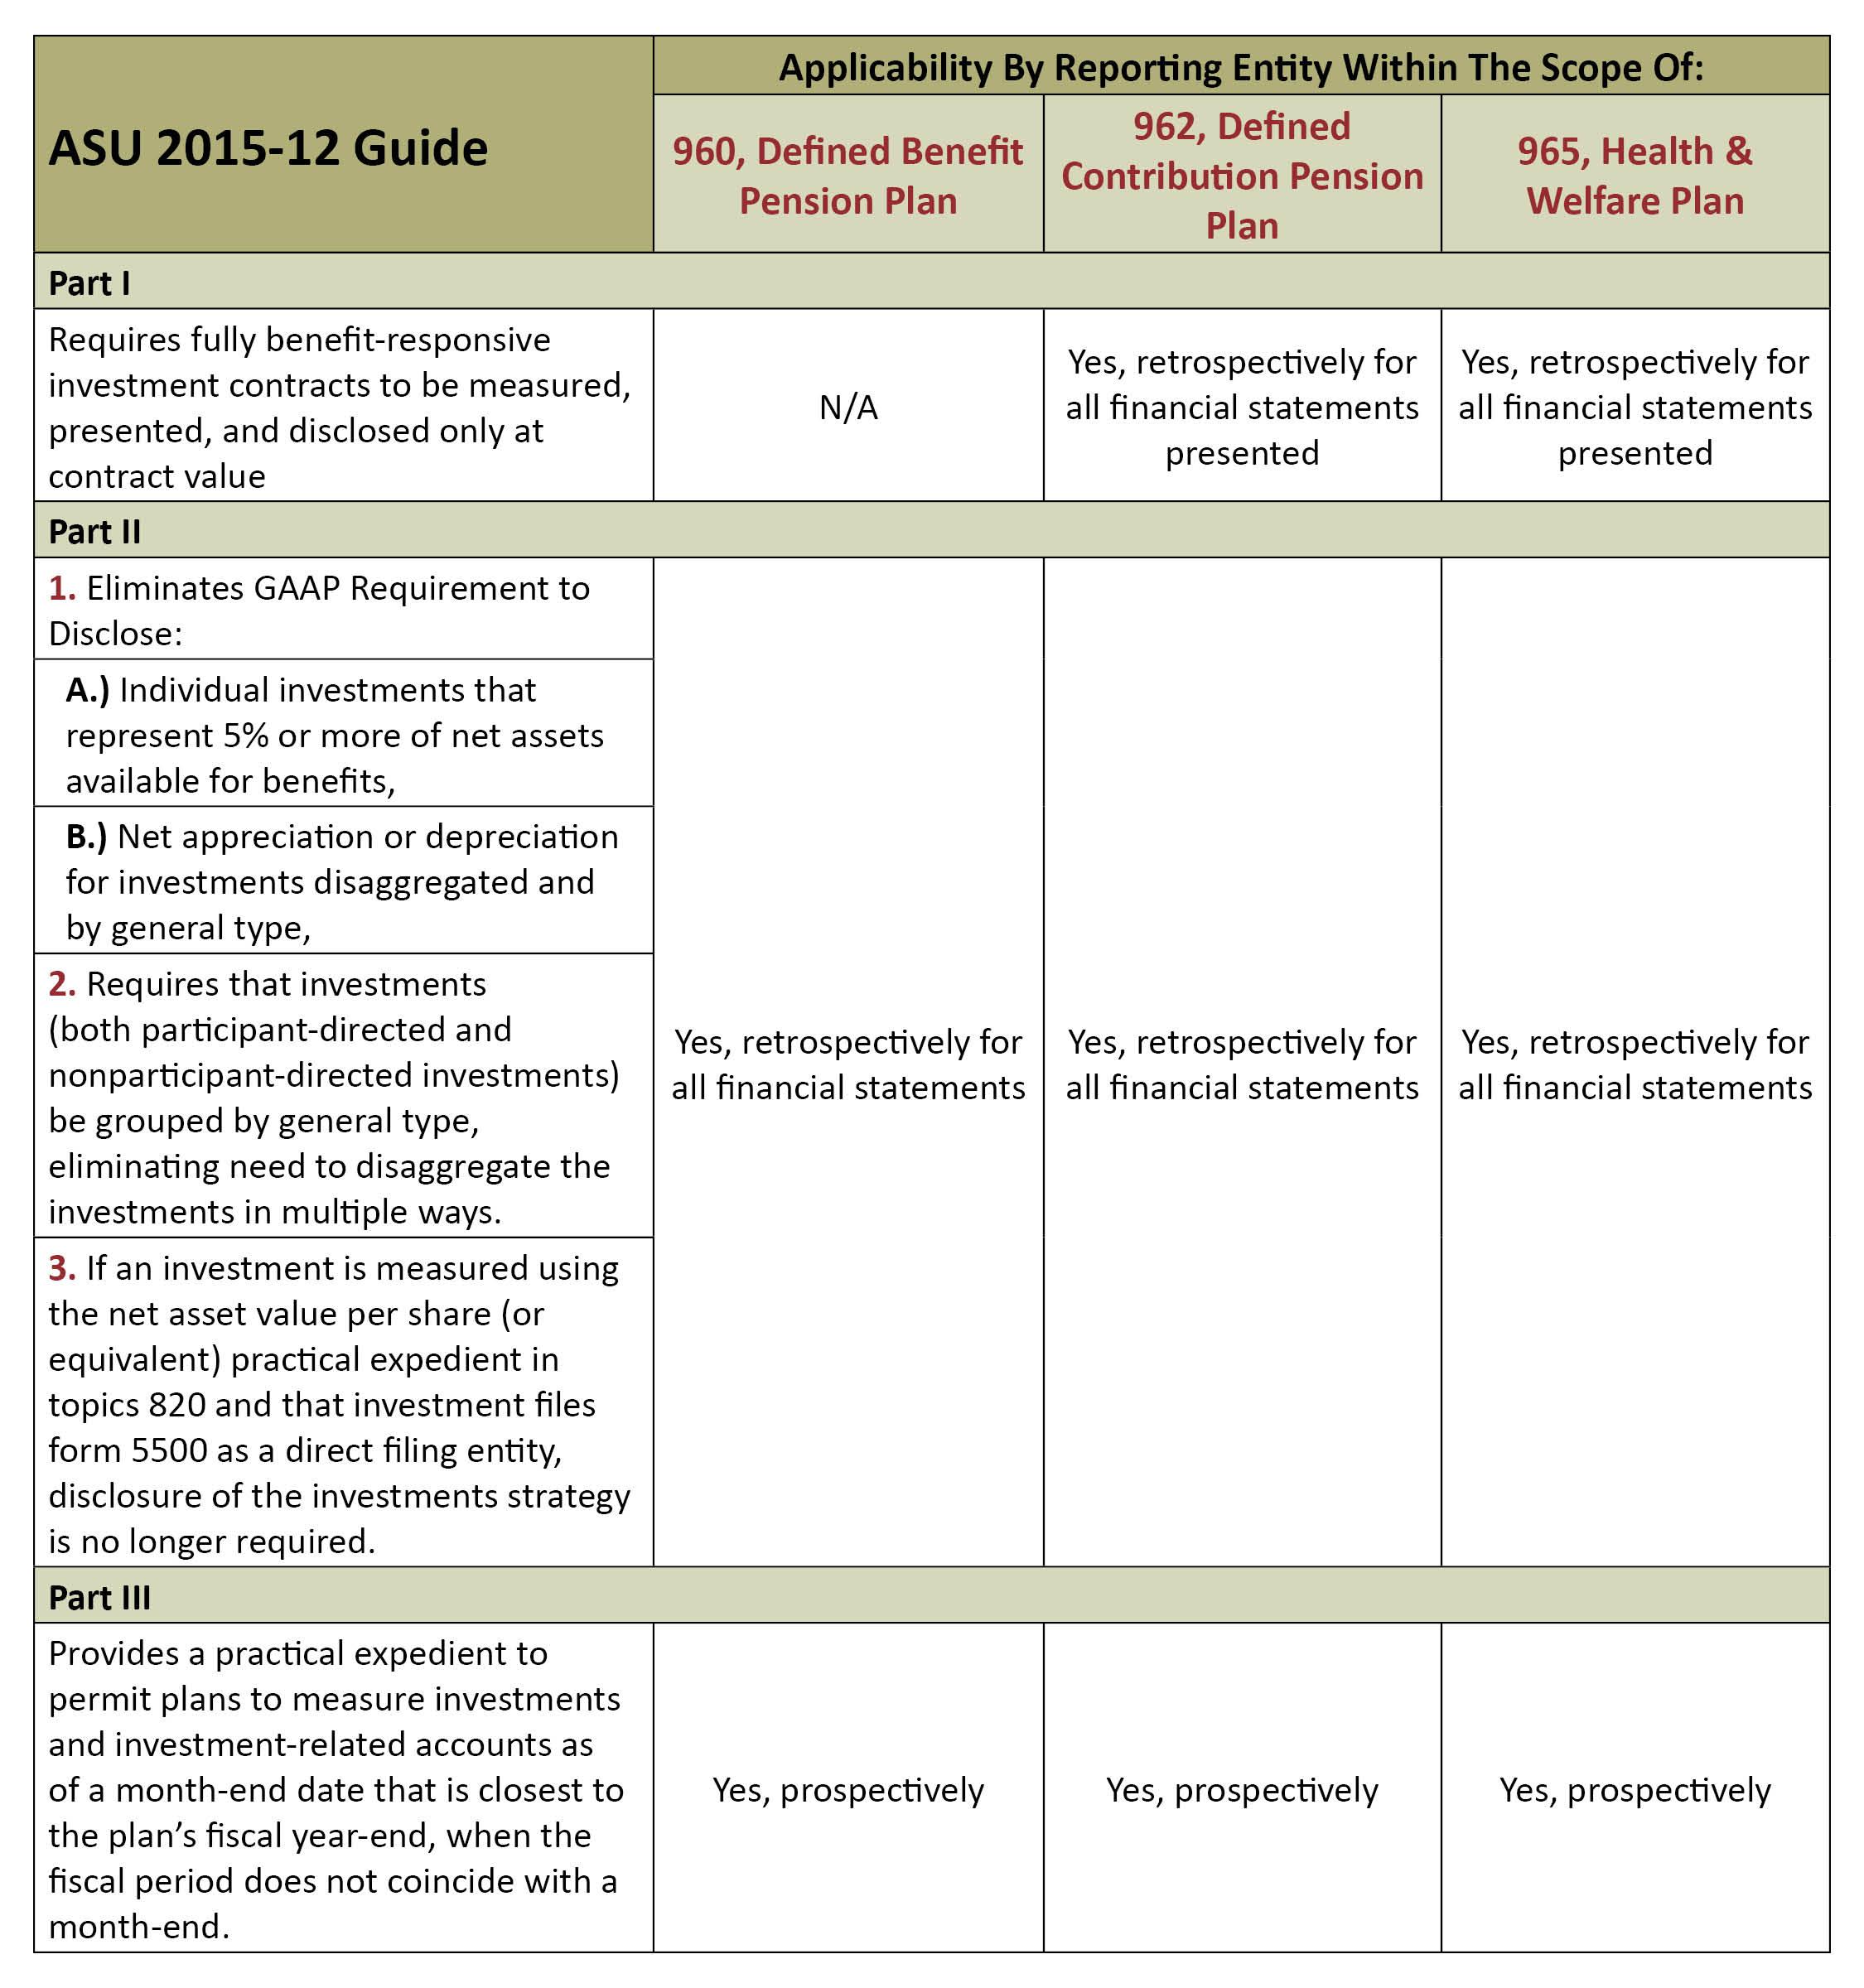 ASU 2015-12 GRID